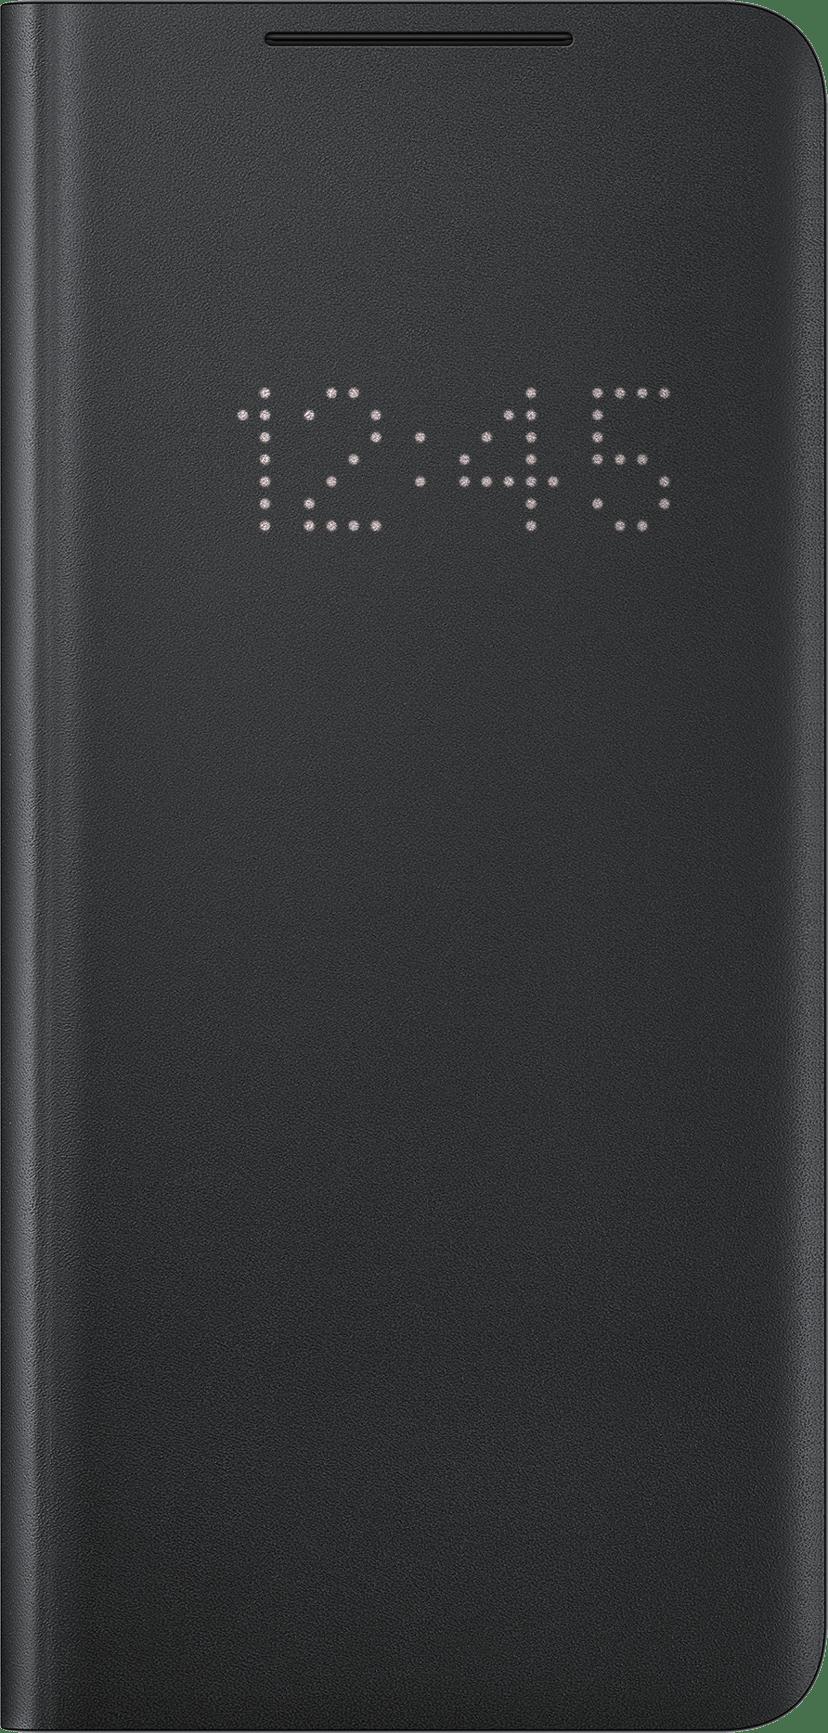 Samsung Smart LED View Cover EF-NG998 Samsung Galaxy S21 Ultra Svart